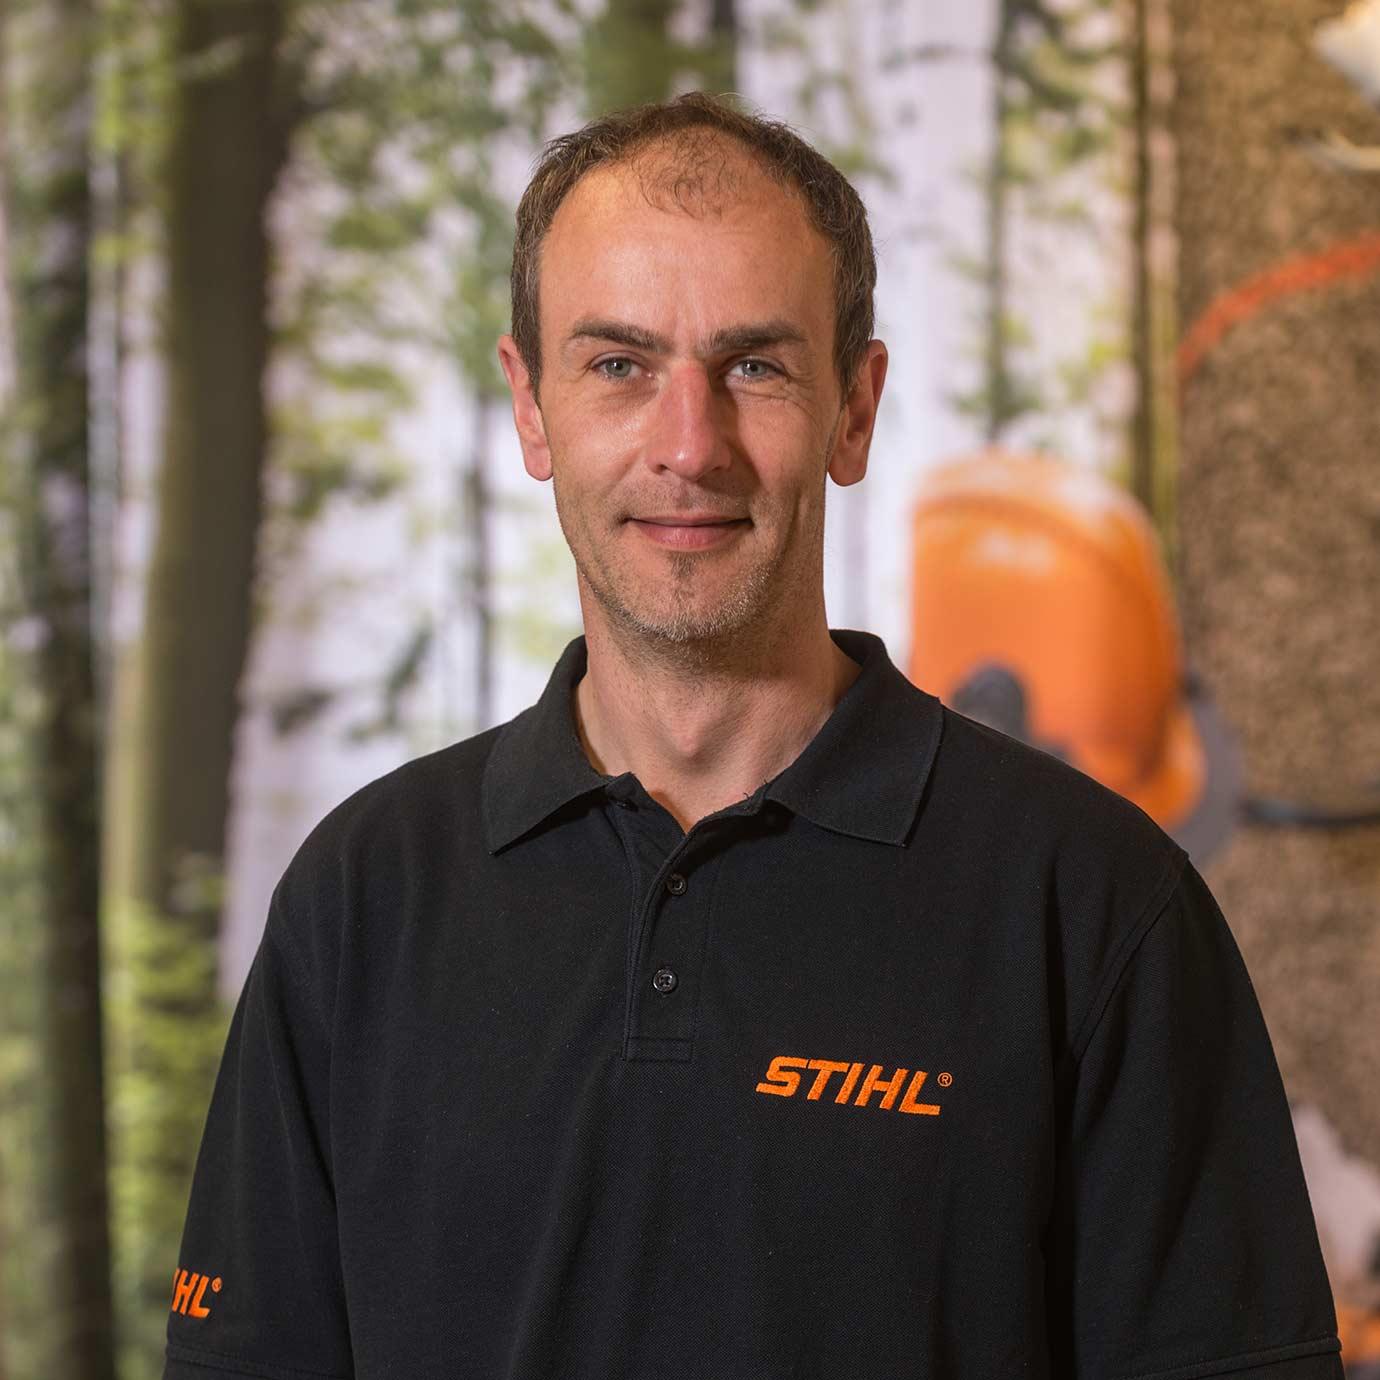 Geschäftsführer Gonschorek der Forst- und Gartenmarkt Uder GmbH